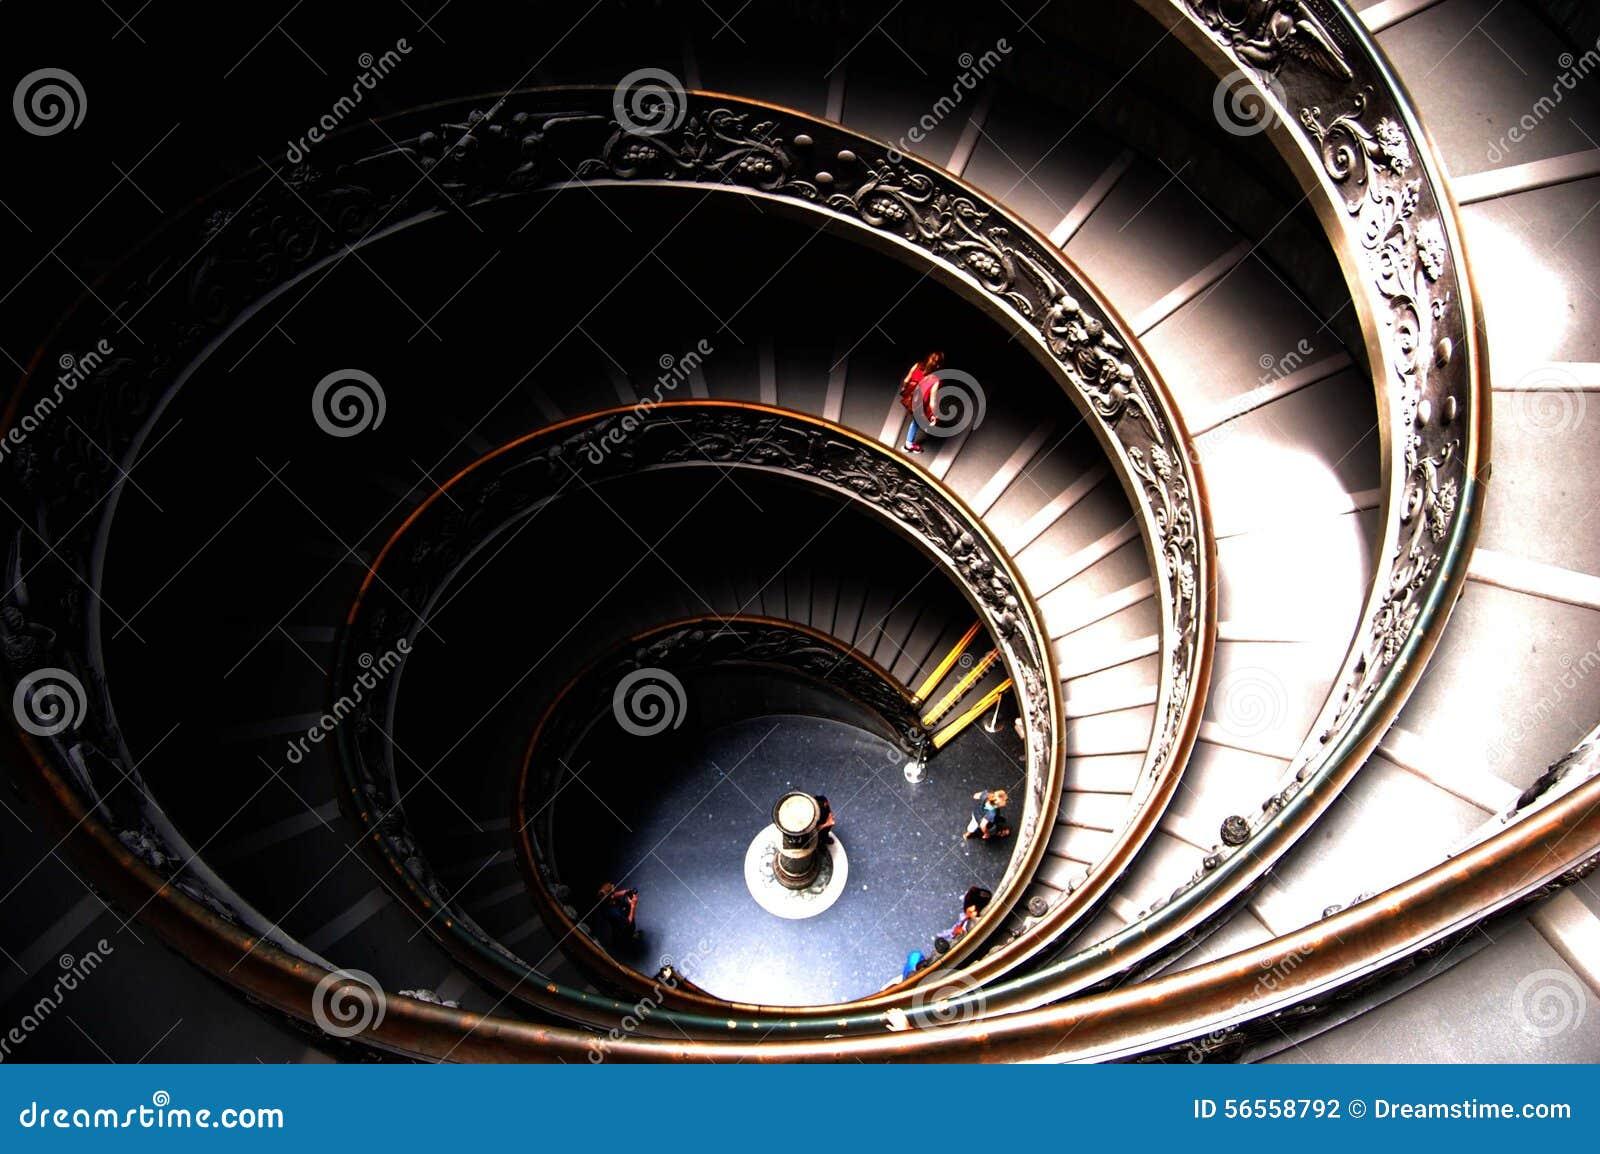 giuseppe momo dise la escalera espiral dentro de los museos del vaticano foto de archivo